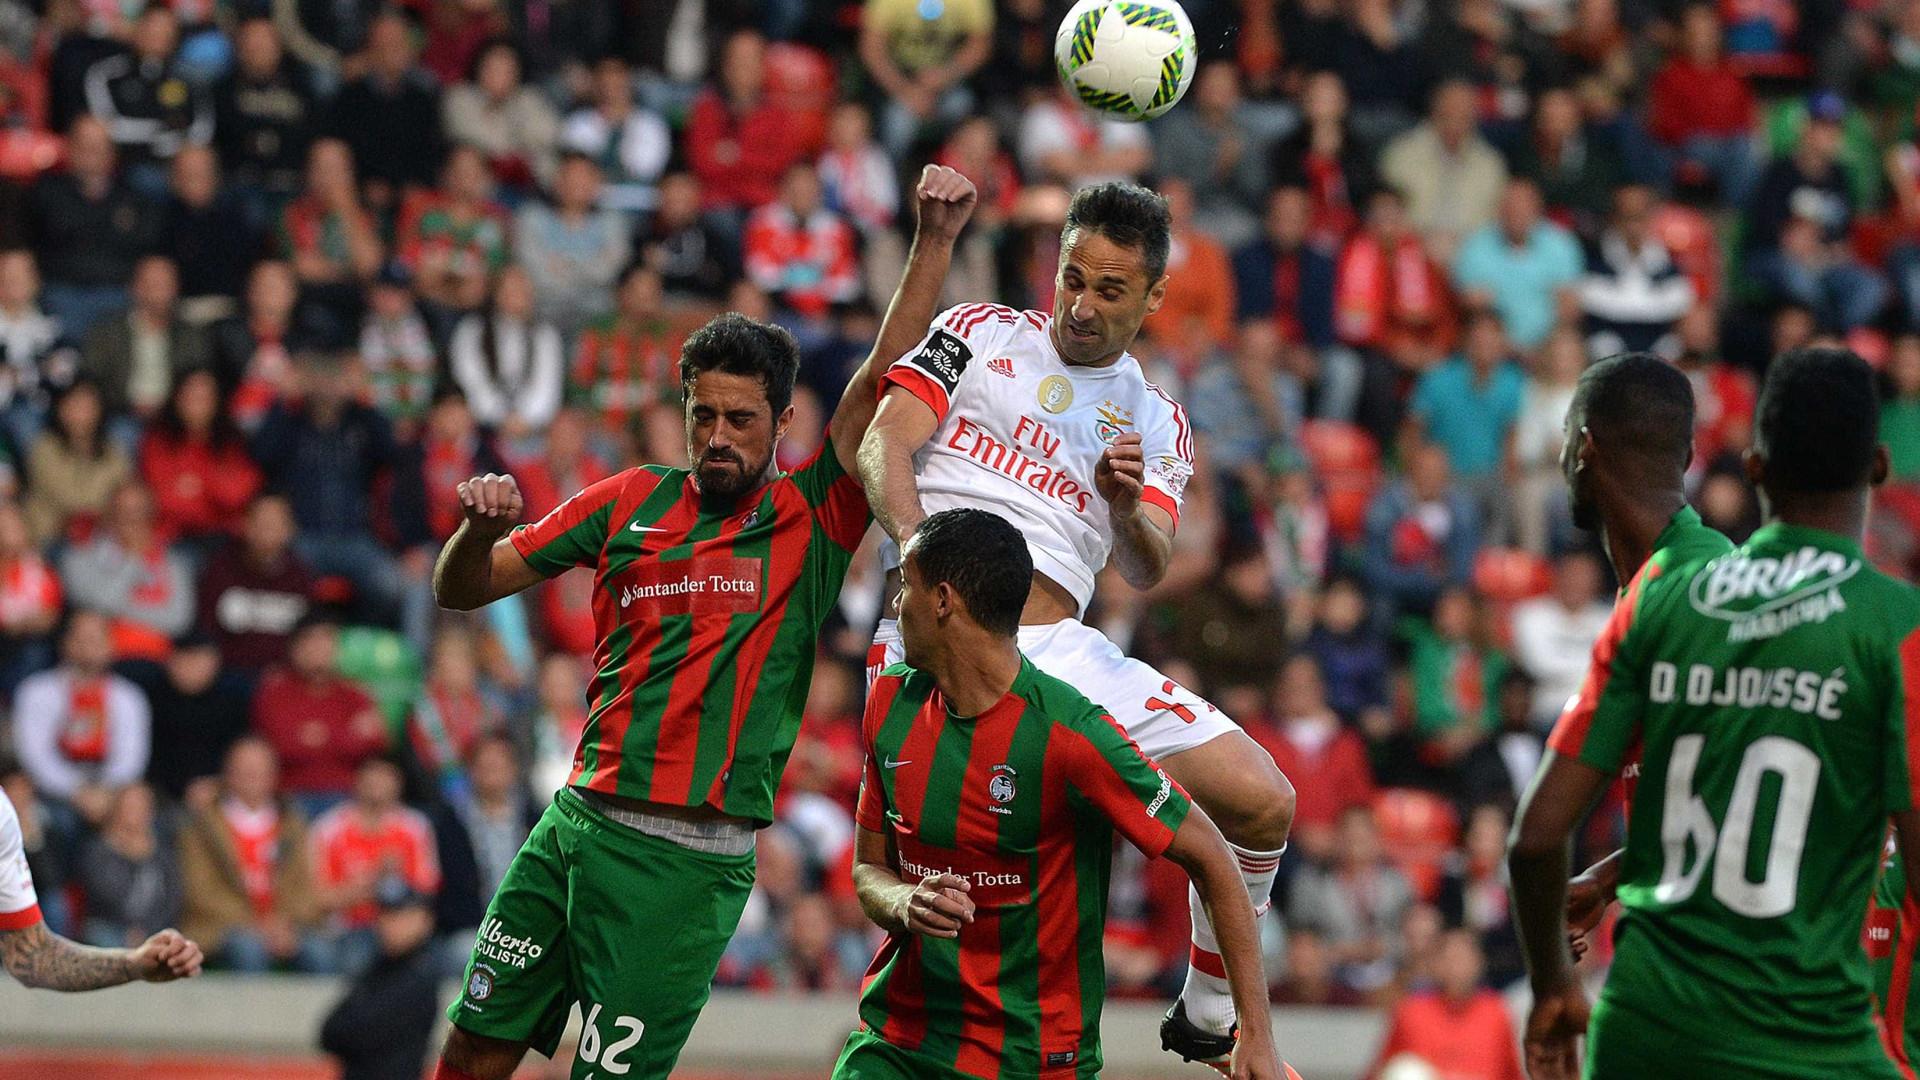 Presidente do Marítimo quer a seleção nacional a jogar na Madeira